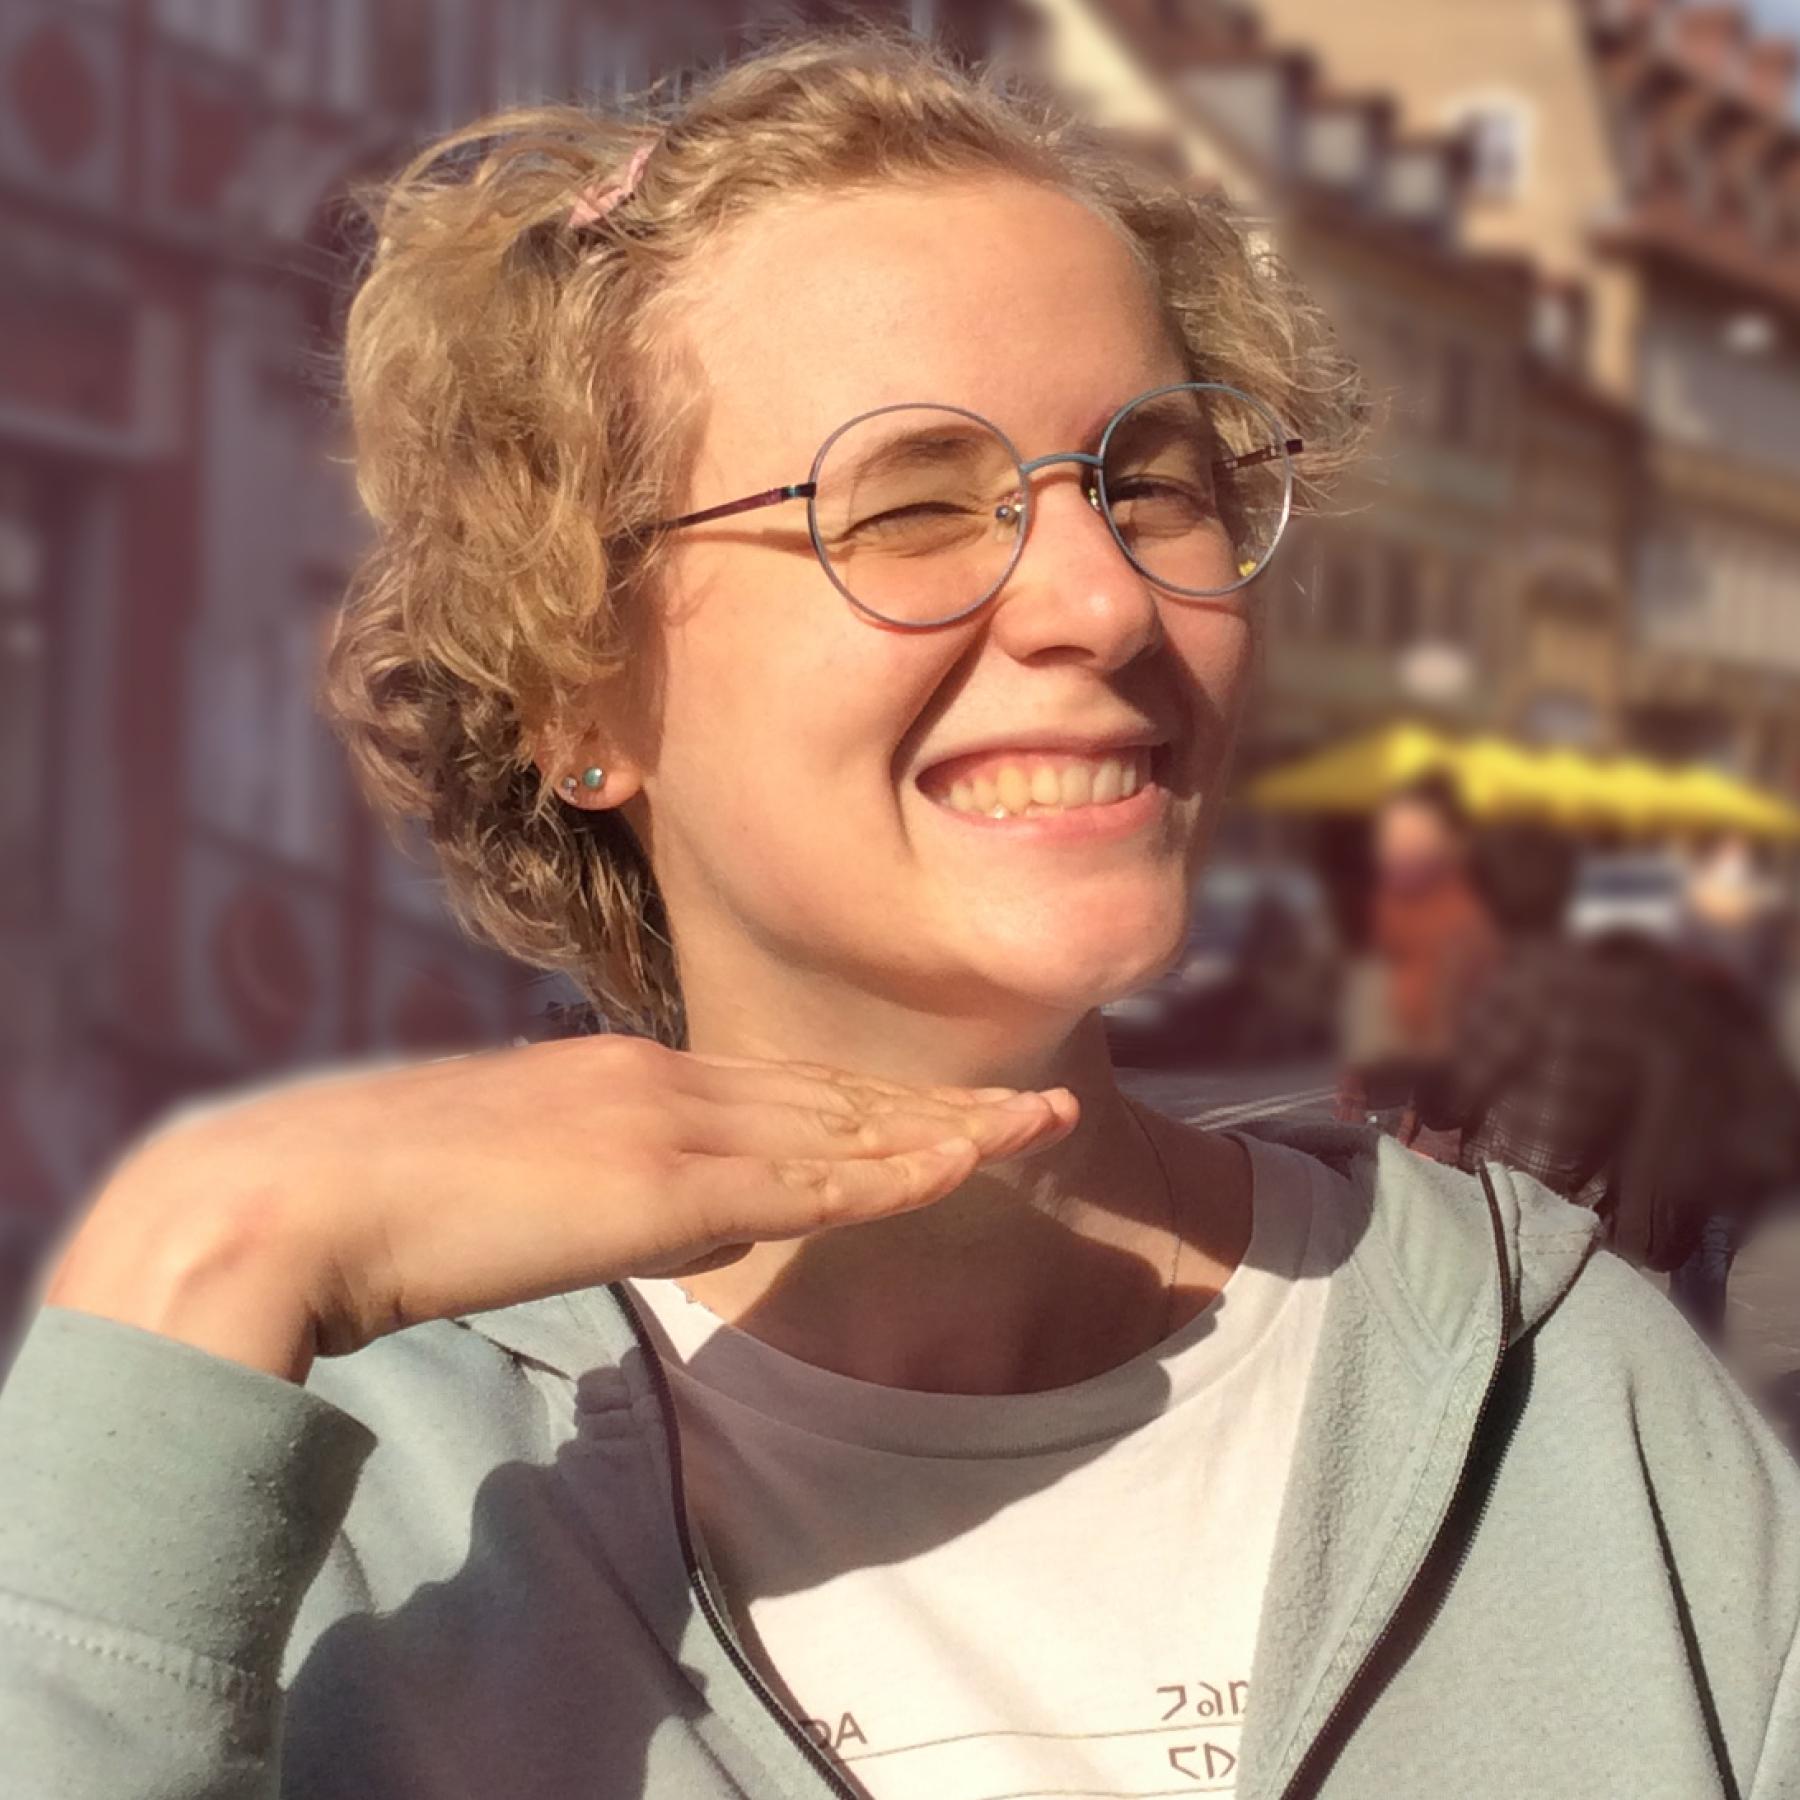 Marie Merget